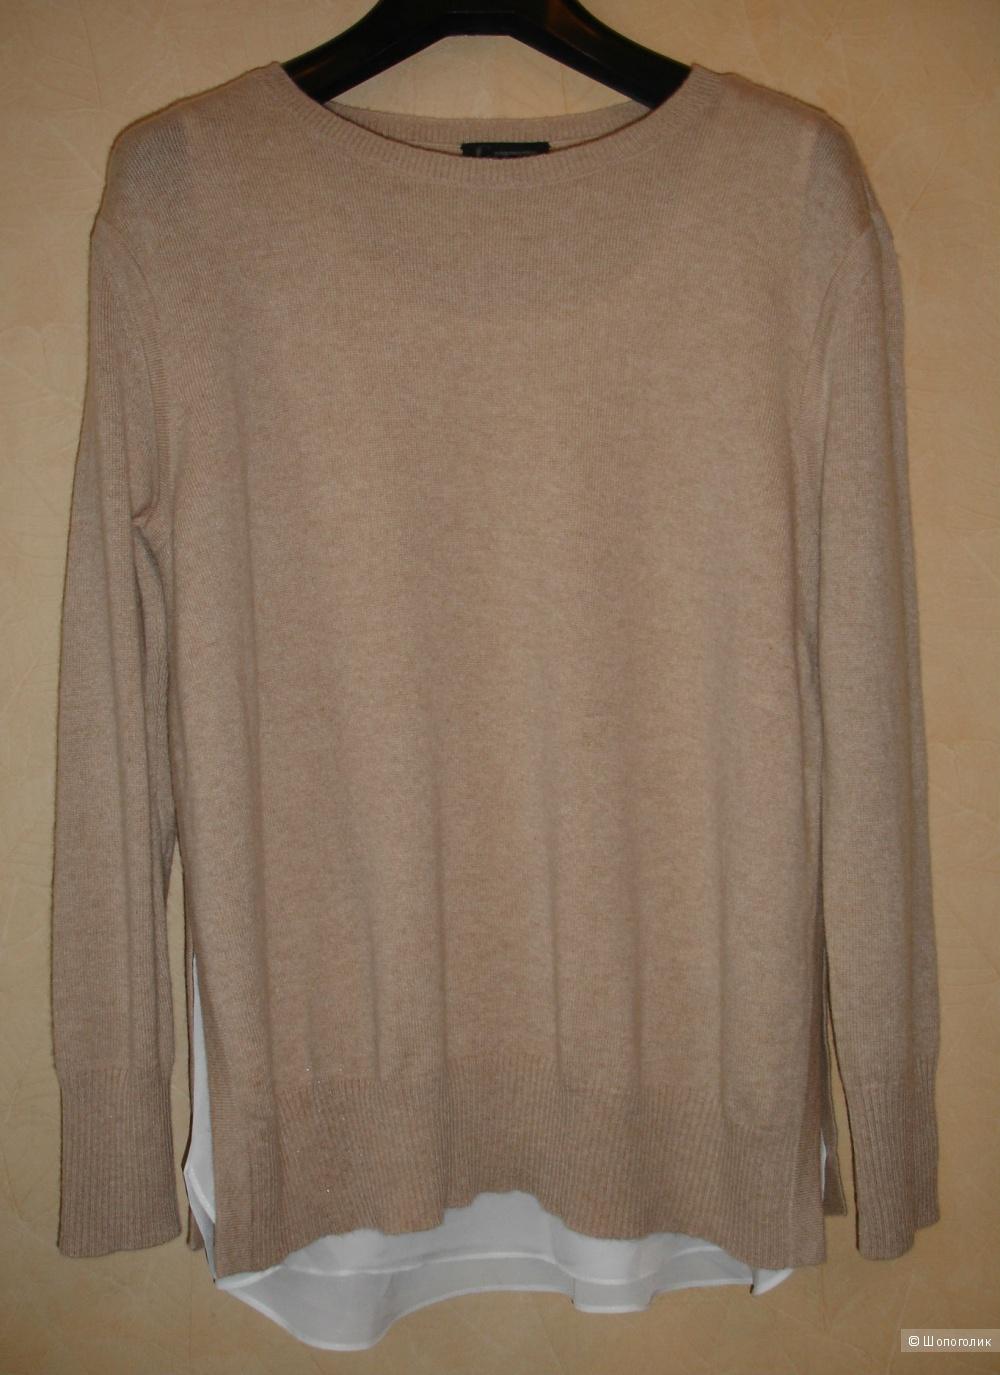 Кашемировый свитер с эффектом двухслойности C by Bloomingdale's, размер S-M, 100% кашемир, новый